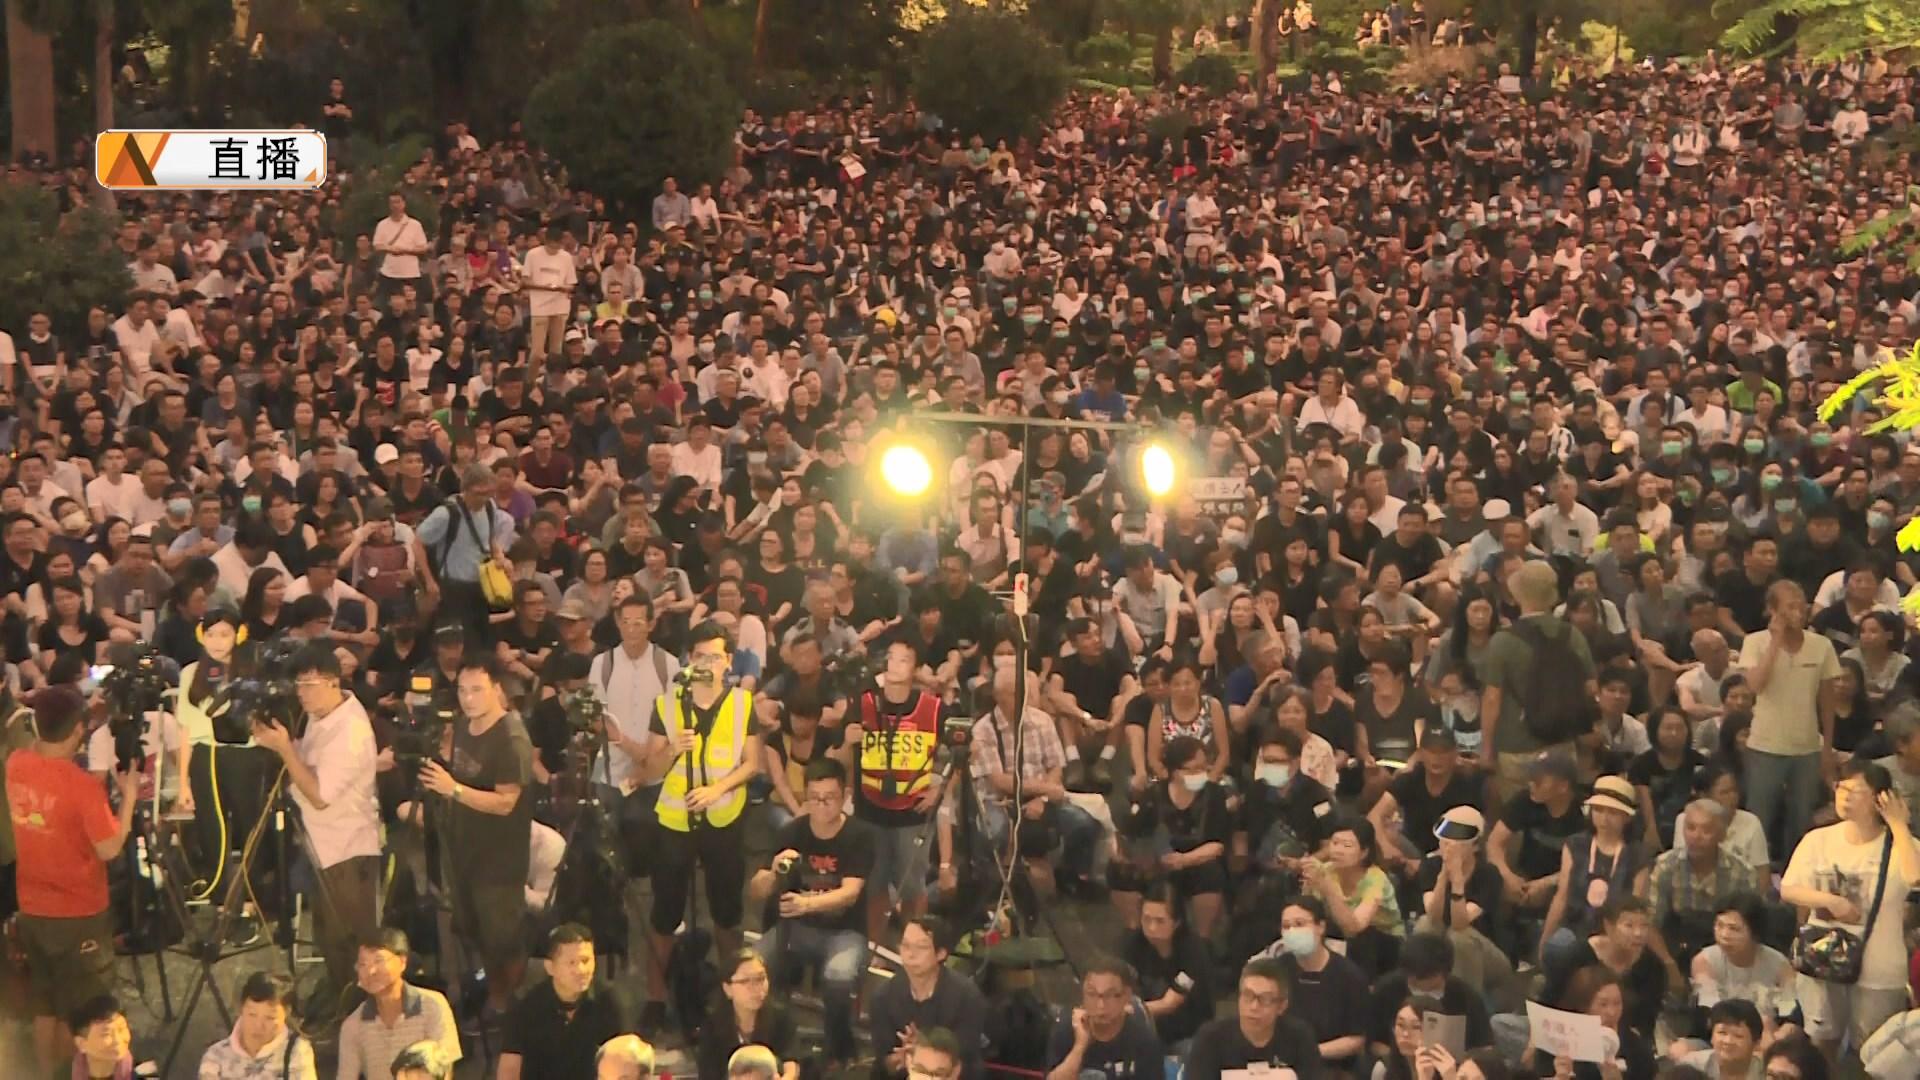 【現場報道‧公務員集會】集會人士眾多 部分人要站出遮打道